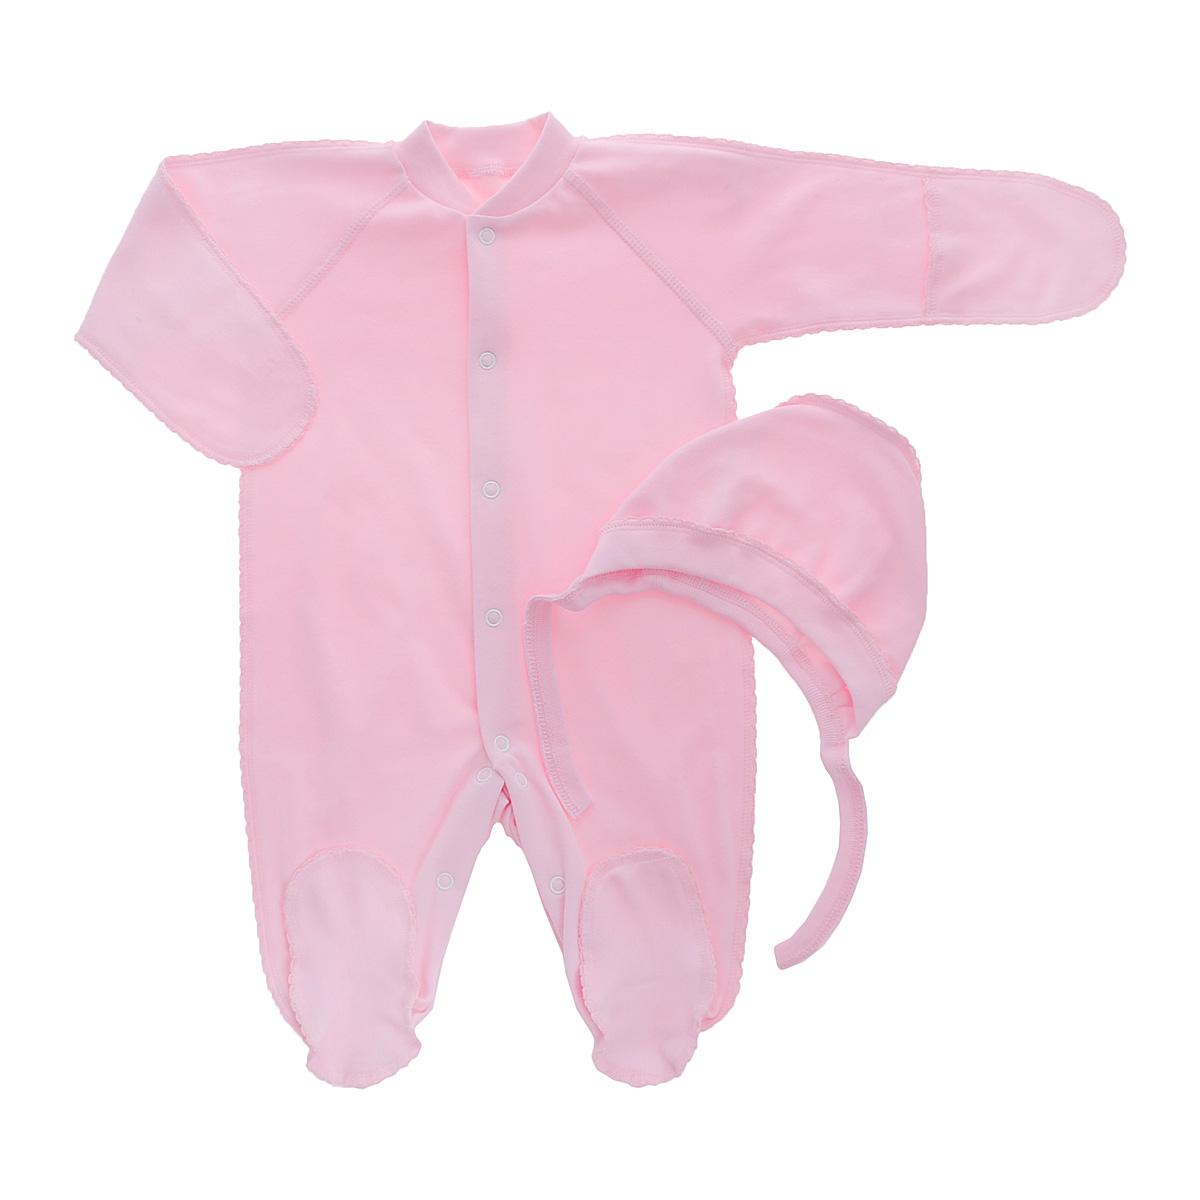 Комплект одежды37-5231Комплект Фреш Стайл, состоящий из комбинезона и чепчика, идеально подойдет вашему ребенку. Изготовленный из 100% хлопка, он необычайно мягкий и легкий, приятный на ощупь, не раздражает нежную кожу ребенка и хорошо вентилируется. Комбинезон с воротником-стойкой, длинными рукавами-реглан и закрытыми ножками имеет удобные застежки-кнопки по всей длине и на ластовице, которые помогают легко переодеть ребенка или сменить подгузник. Комбинезон имеет рукавички, с помощью которых ручки могут быть открыты или спрятаны и ваш ребенок не поцарапает себя. Мягкий чепчик защищает еще не заросший родничок, щадит чувствительный слух малыша, а мягкая резиночка, не сдавливая голову малыша, прикрывает ушки и предохраняет от теплопотерь. Швы элементов комплекта выполнены наружу и отделаны красивой декоративной строчкой. Комплект полностью соответствует особенностям жизни малыша в ранний период, не стесняя и не ограничивая его в движениях.